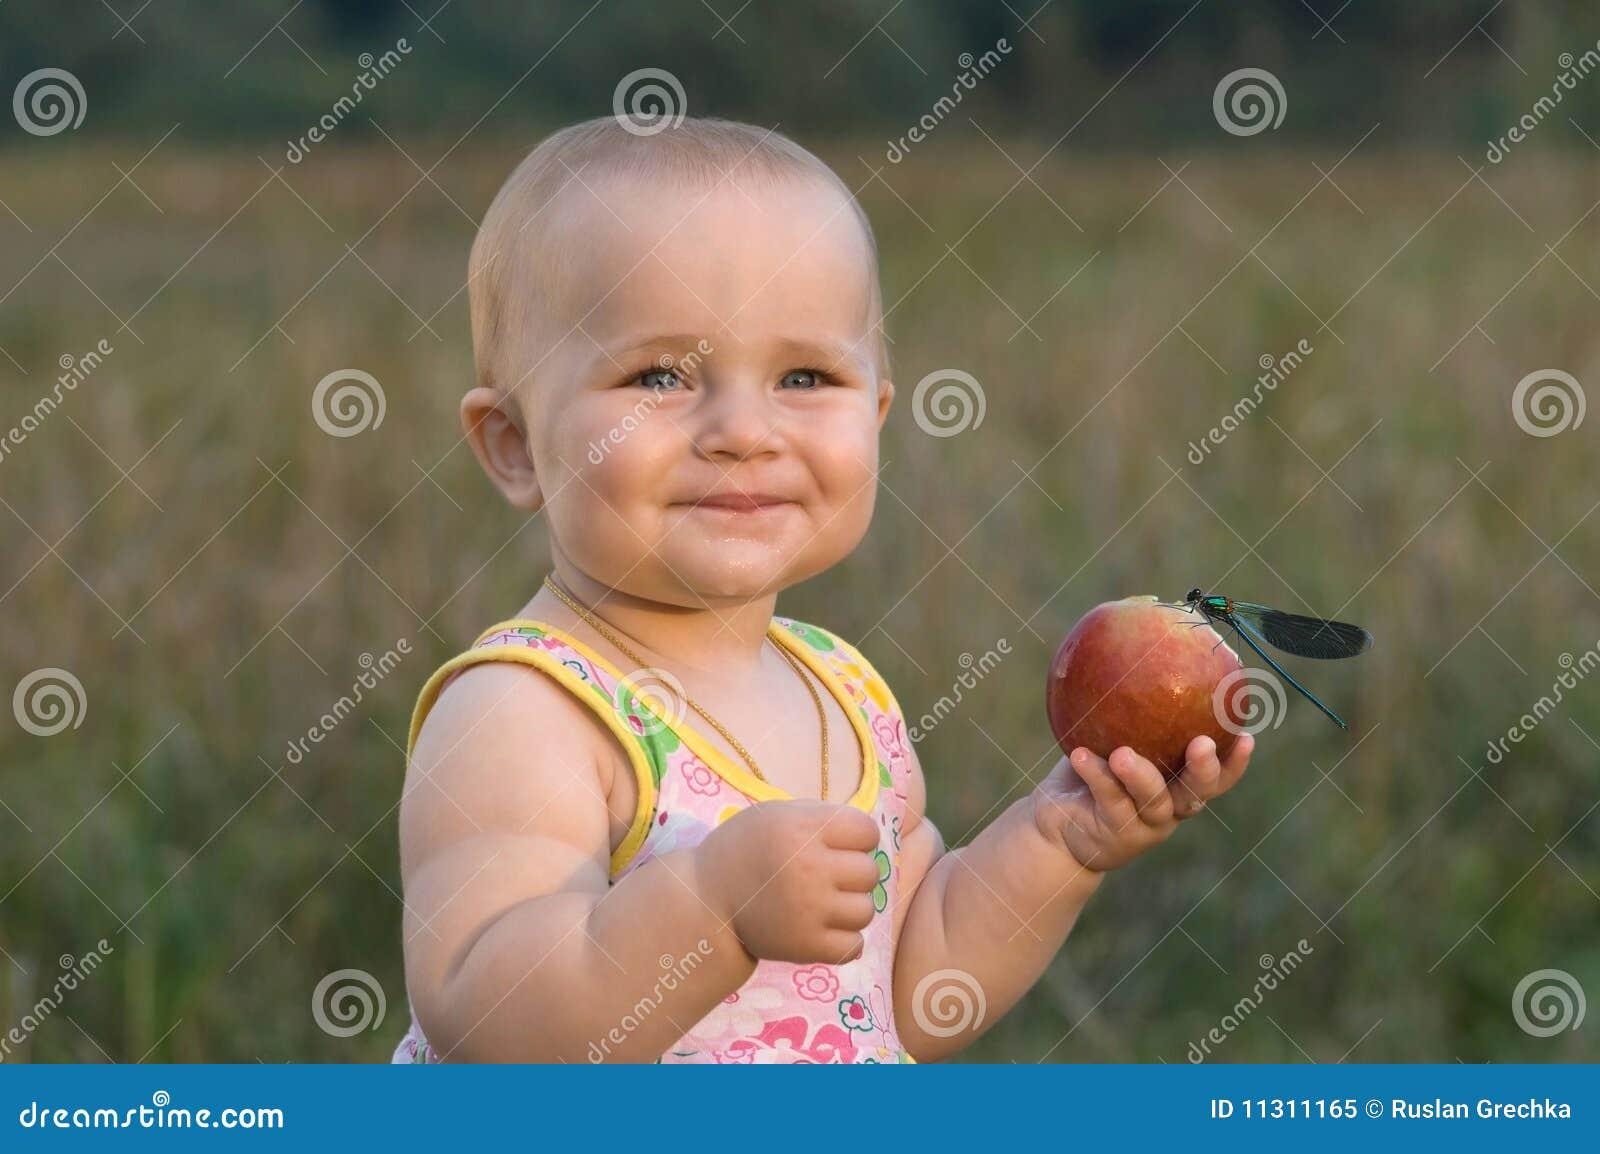 Der Kinder Liebesfrucht sehr viel.